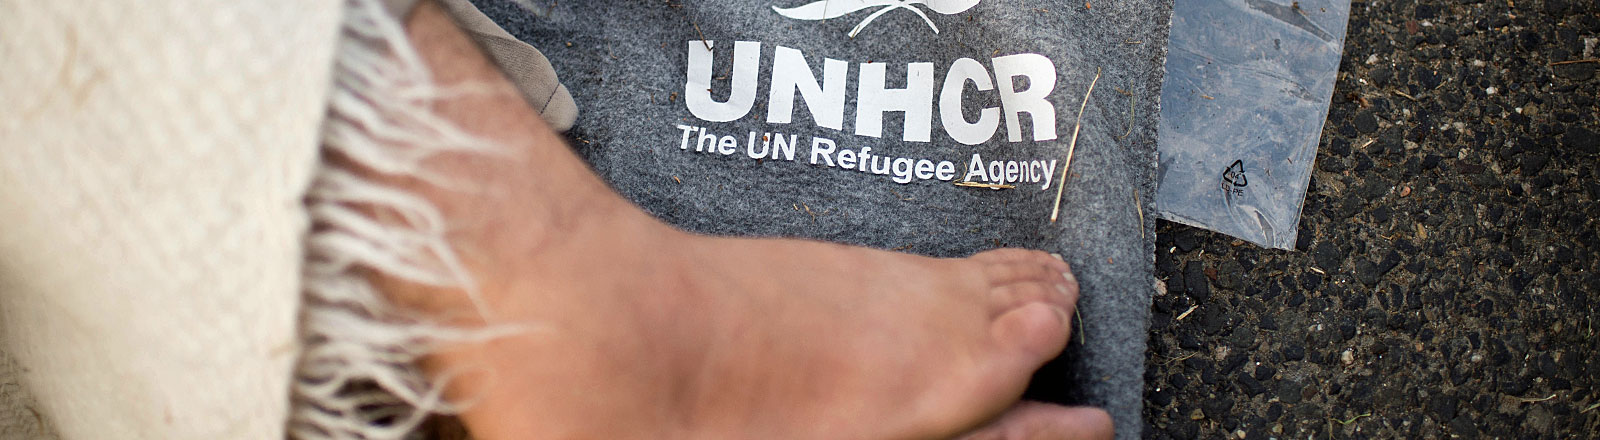 Fuß auf Decke mit UNHCR-Logo